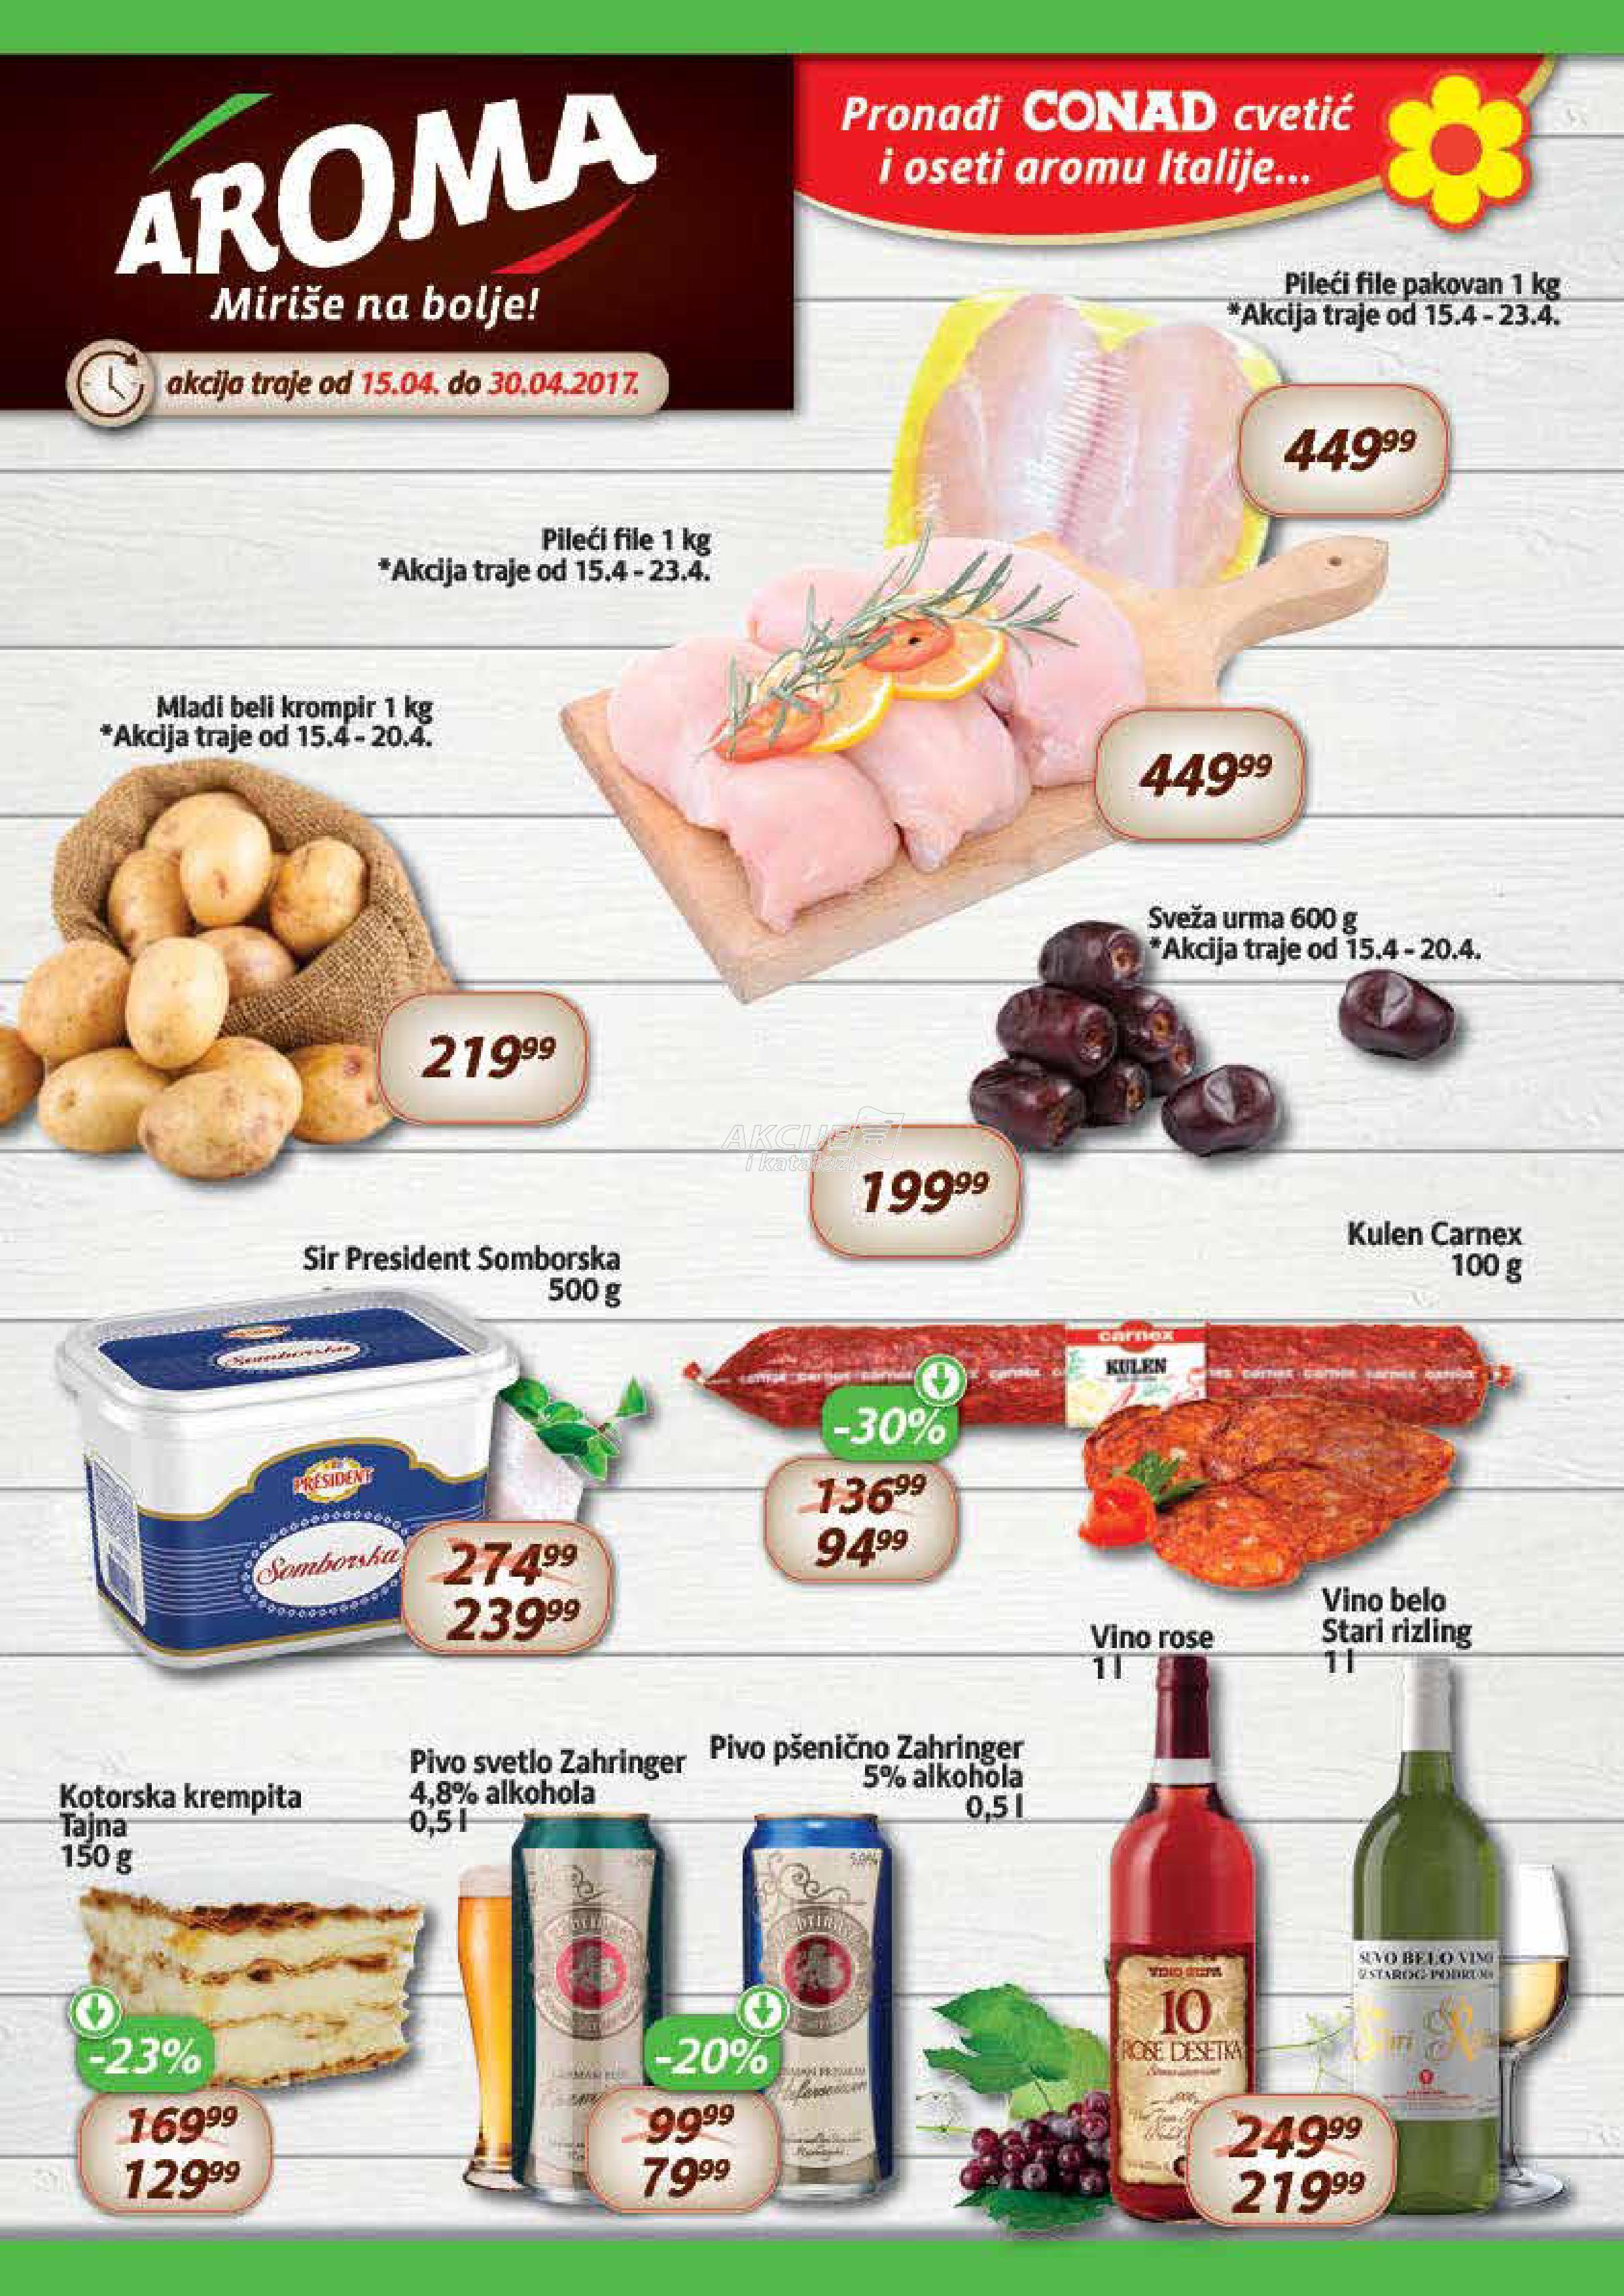 Aroma - Redovna akcija super cena